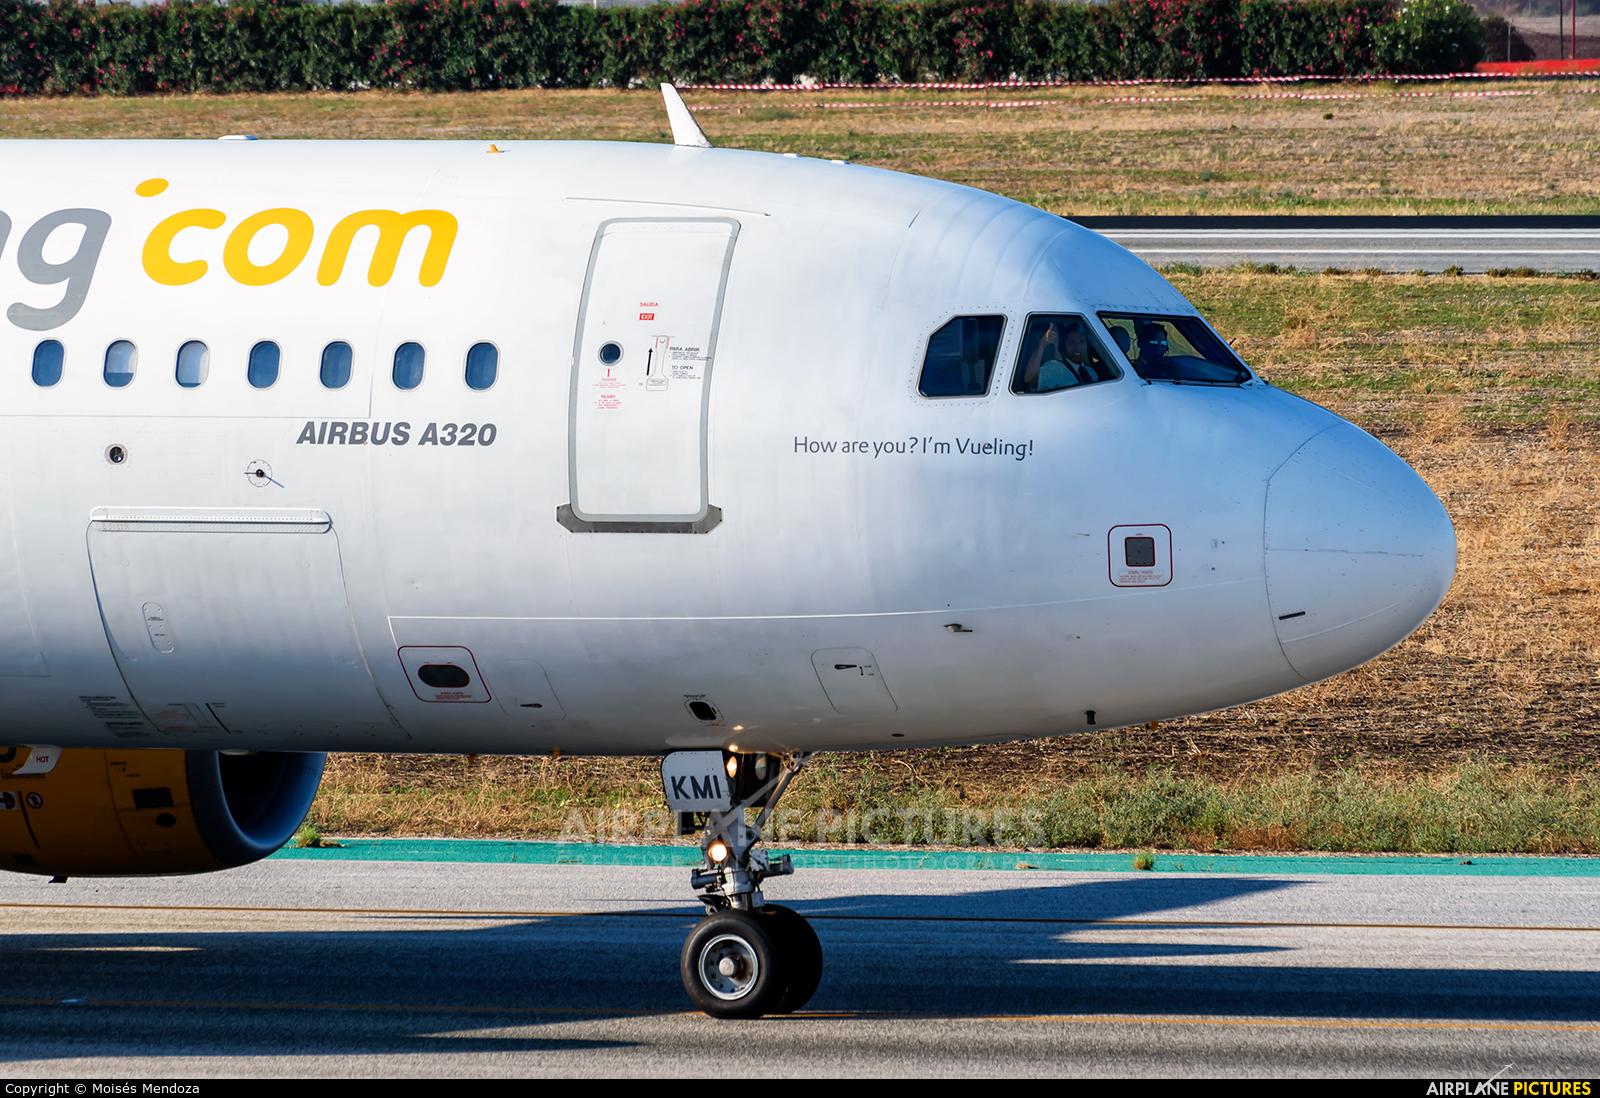 Vueling Airlines EC-KMI aircraft at Málaga